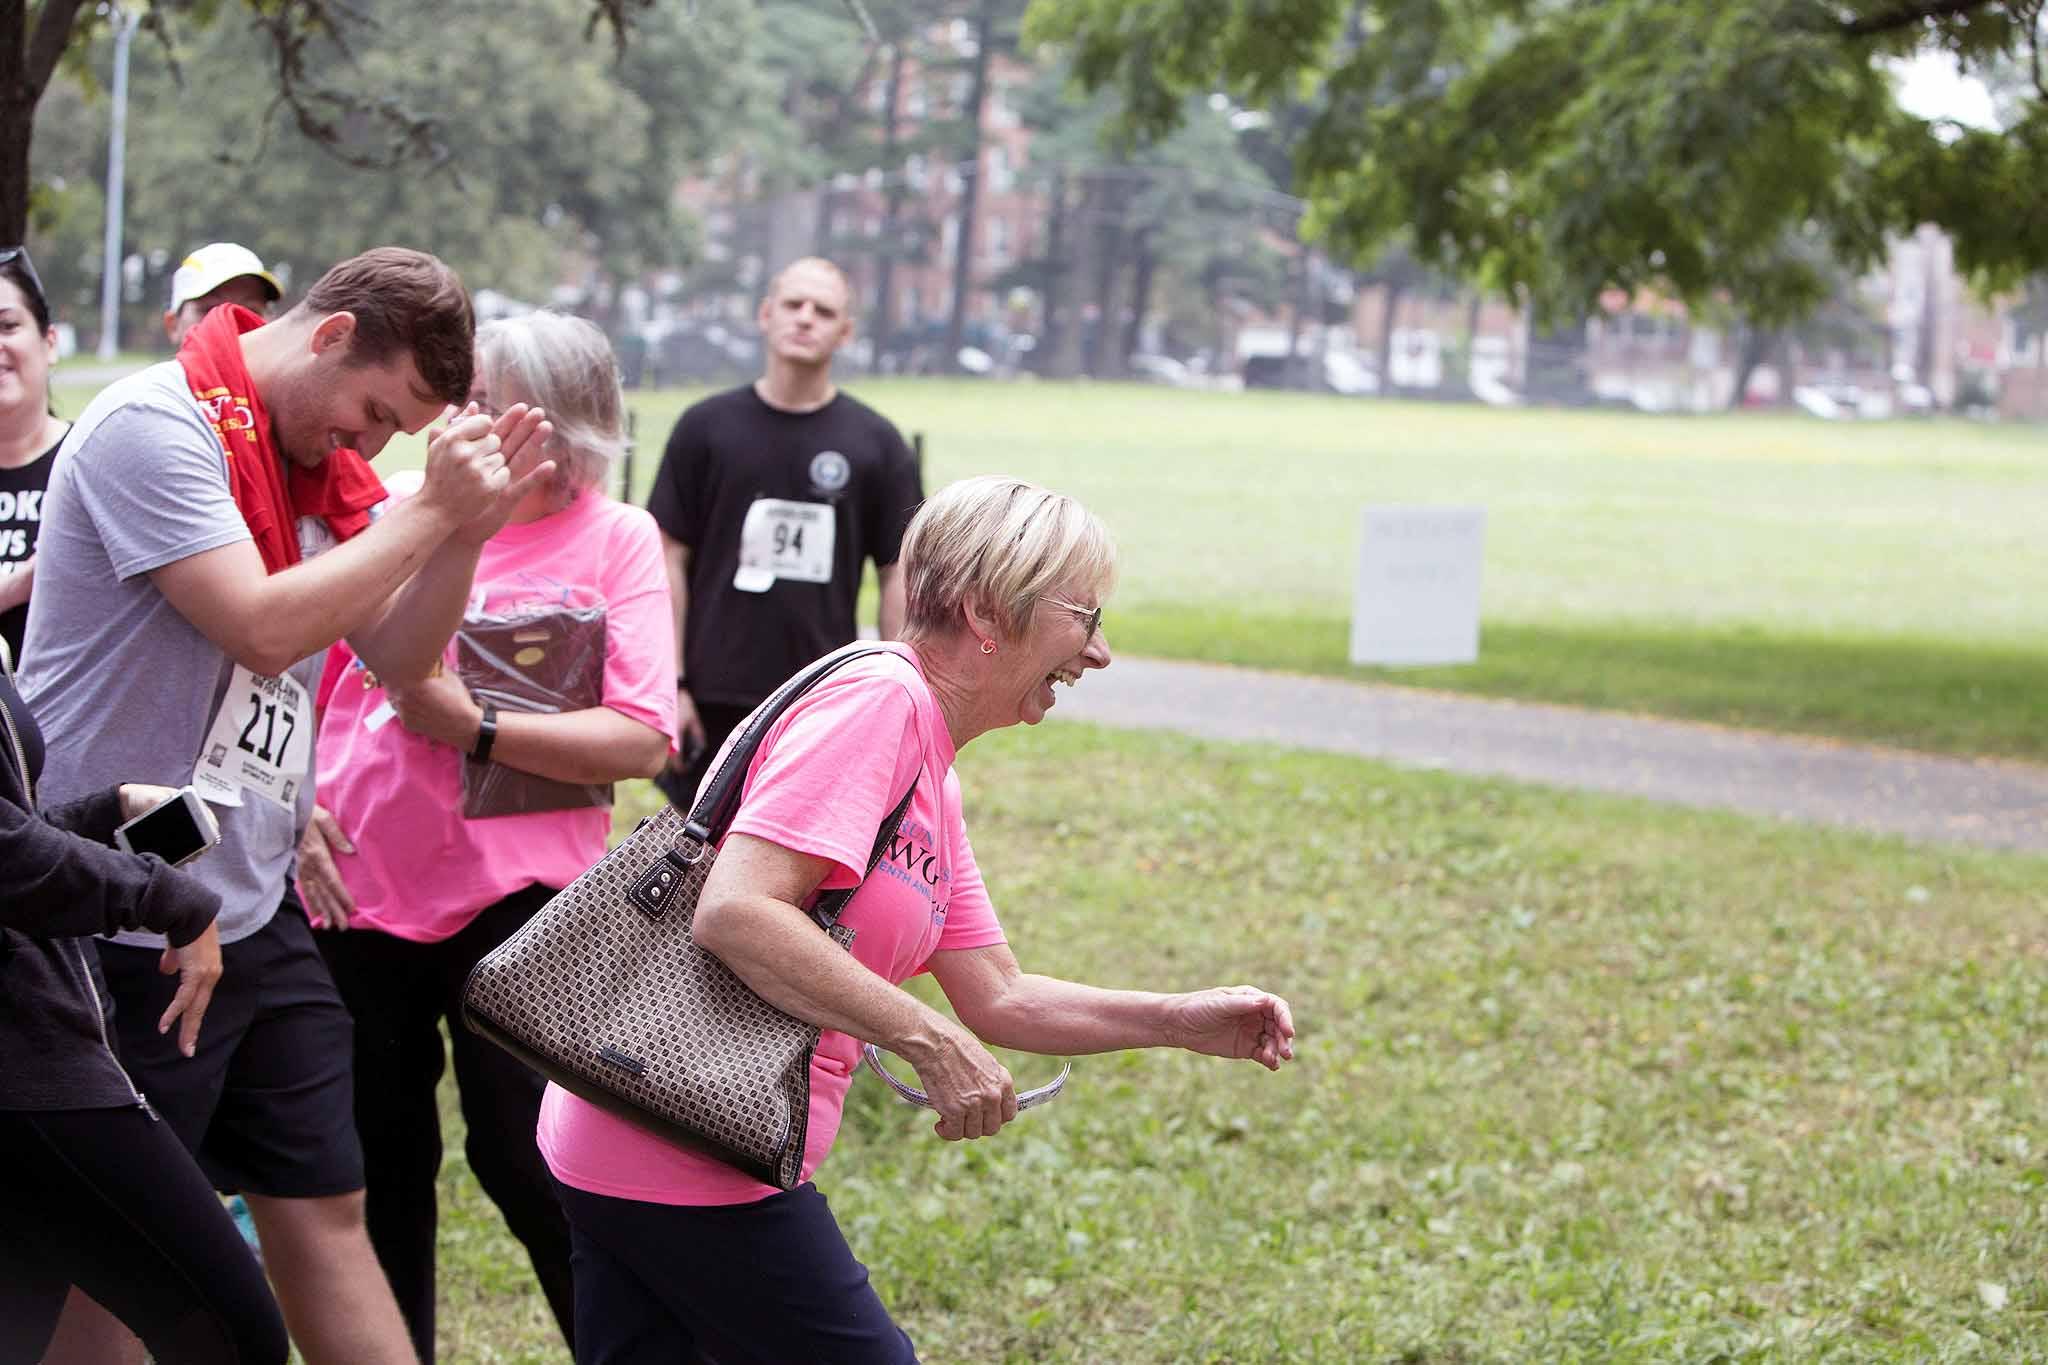 242-Woodlawn Run for a Cause-708.jpg